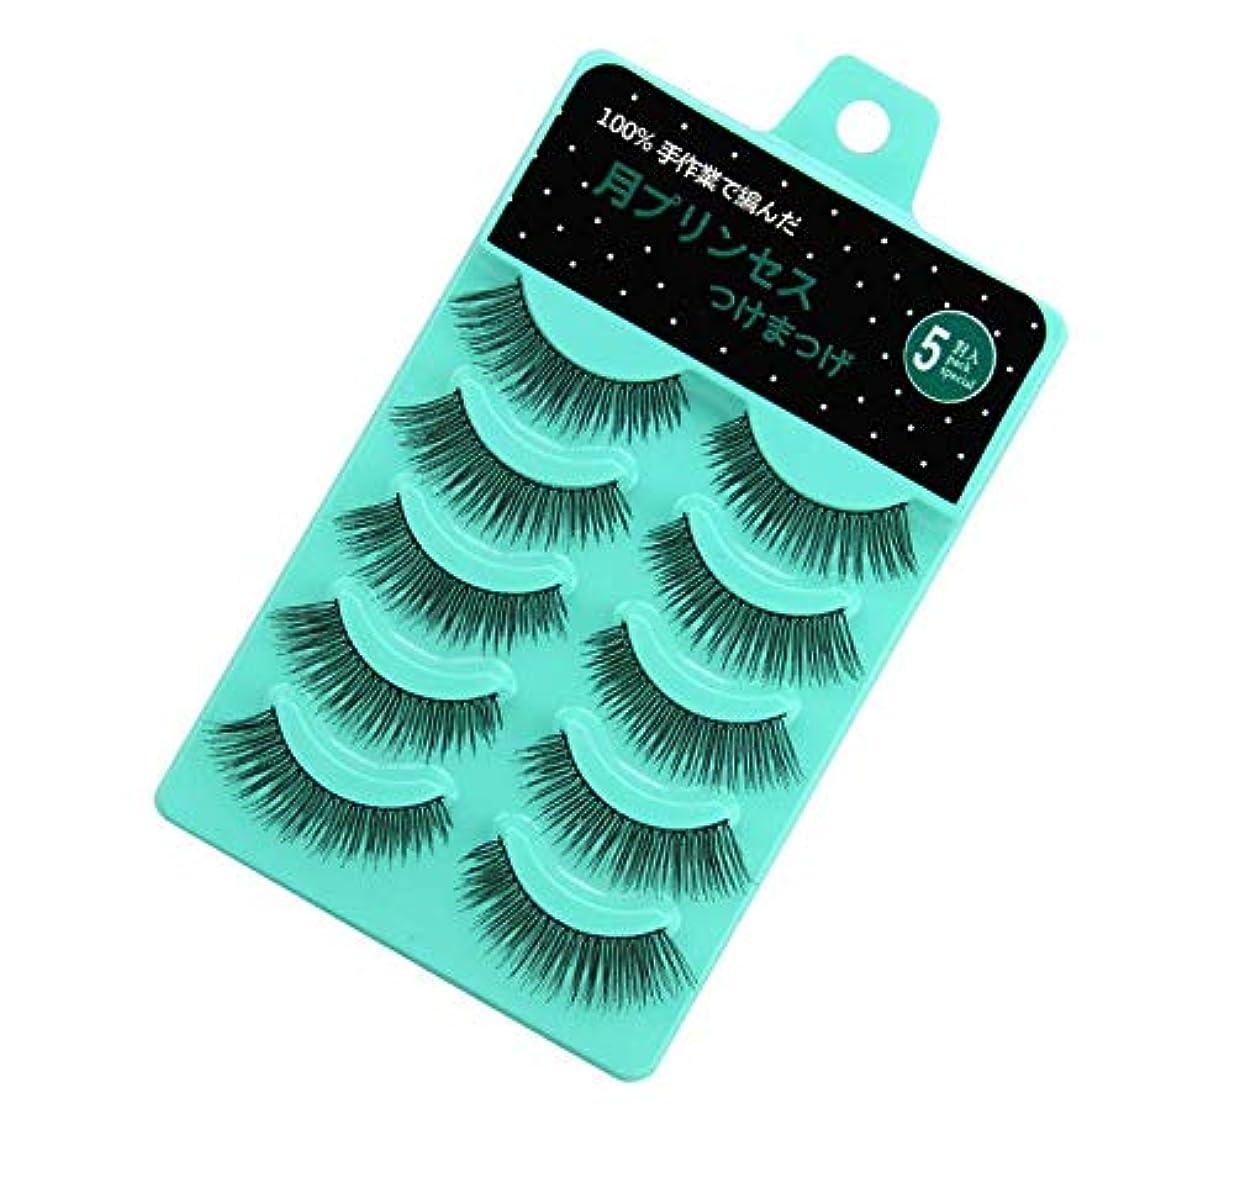 ポップ誰が消費者HNYYZL つけまつげ ミンクつけまつ毛 10ペア グラマラスボリュームアイラッシュ ふんわりロングまつ毛 極薄 濃密 超軽量 高級繊維